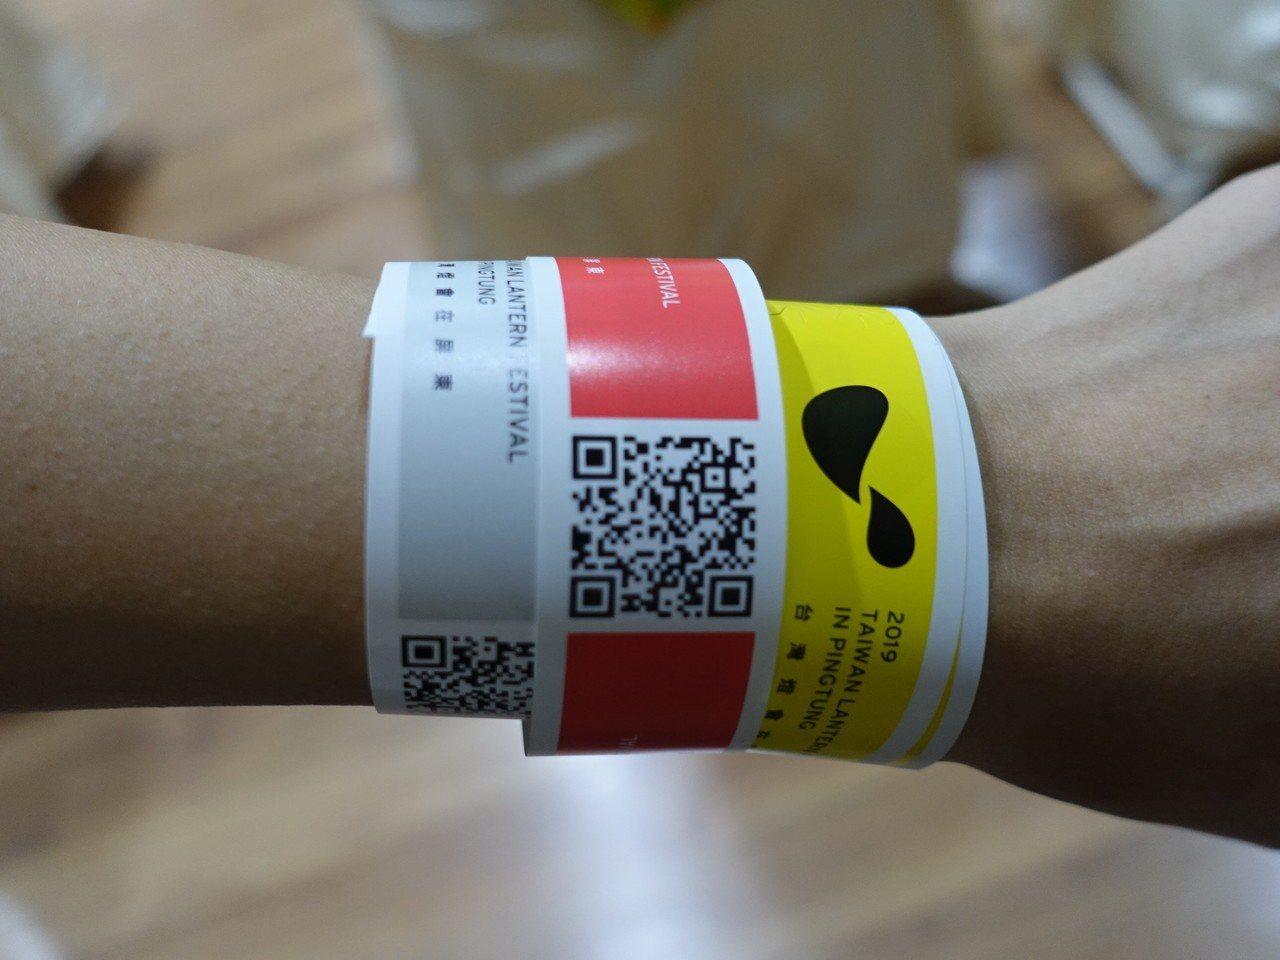 屏東縣政府今天推出「燈會交通懶人卡」,提供各種前往燈會的交通方式,還有顏色手環。...